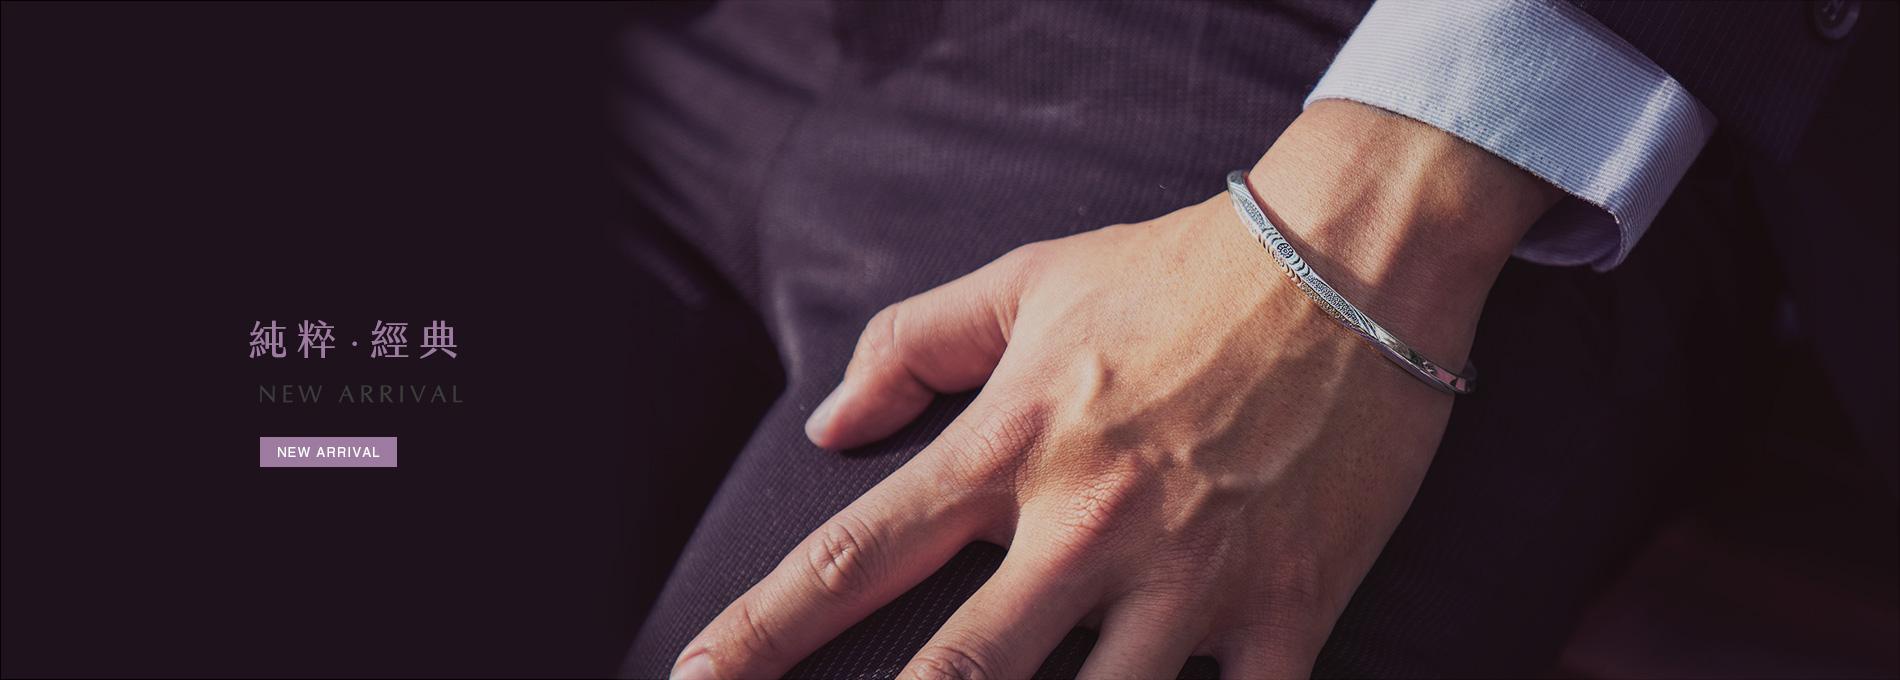 下班後。純粹。經典。自信穿搭,925純銀活圍手環